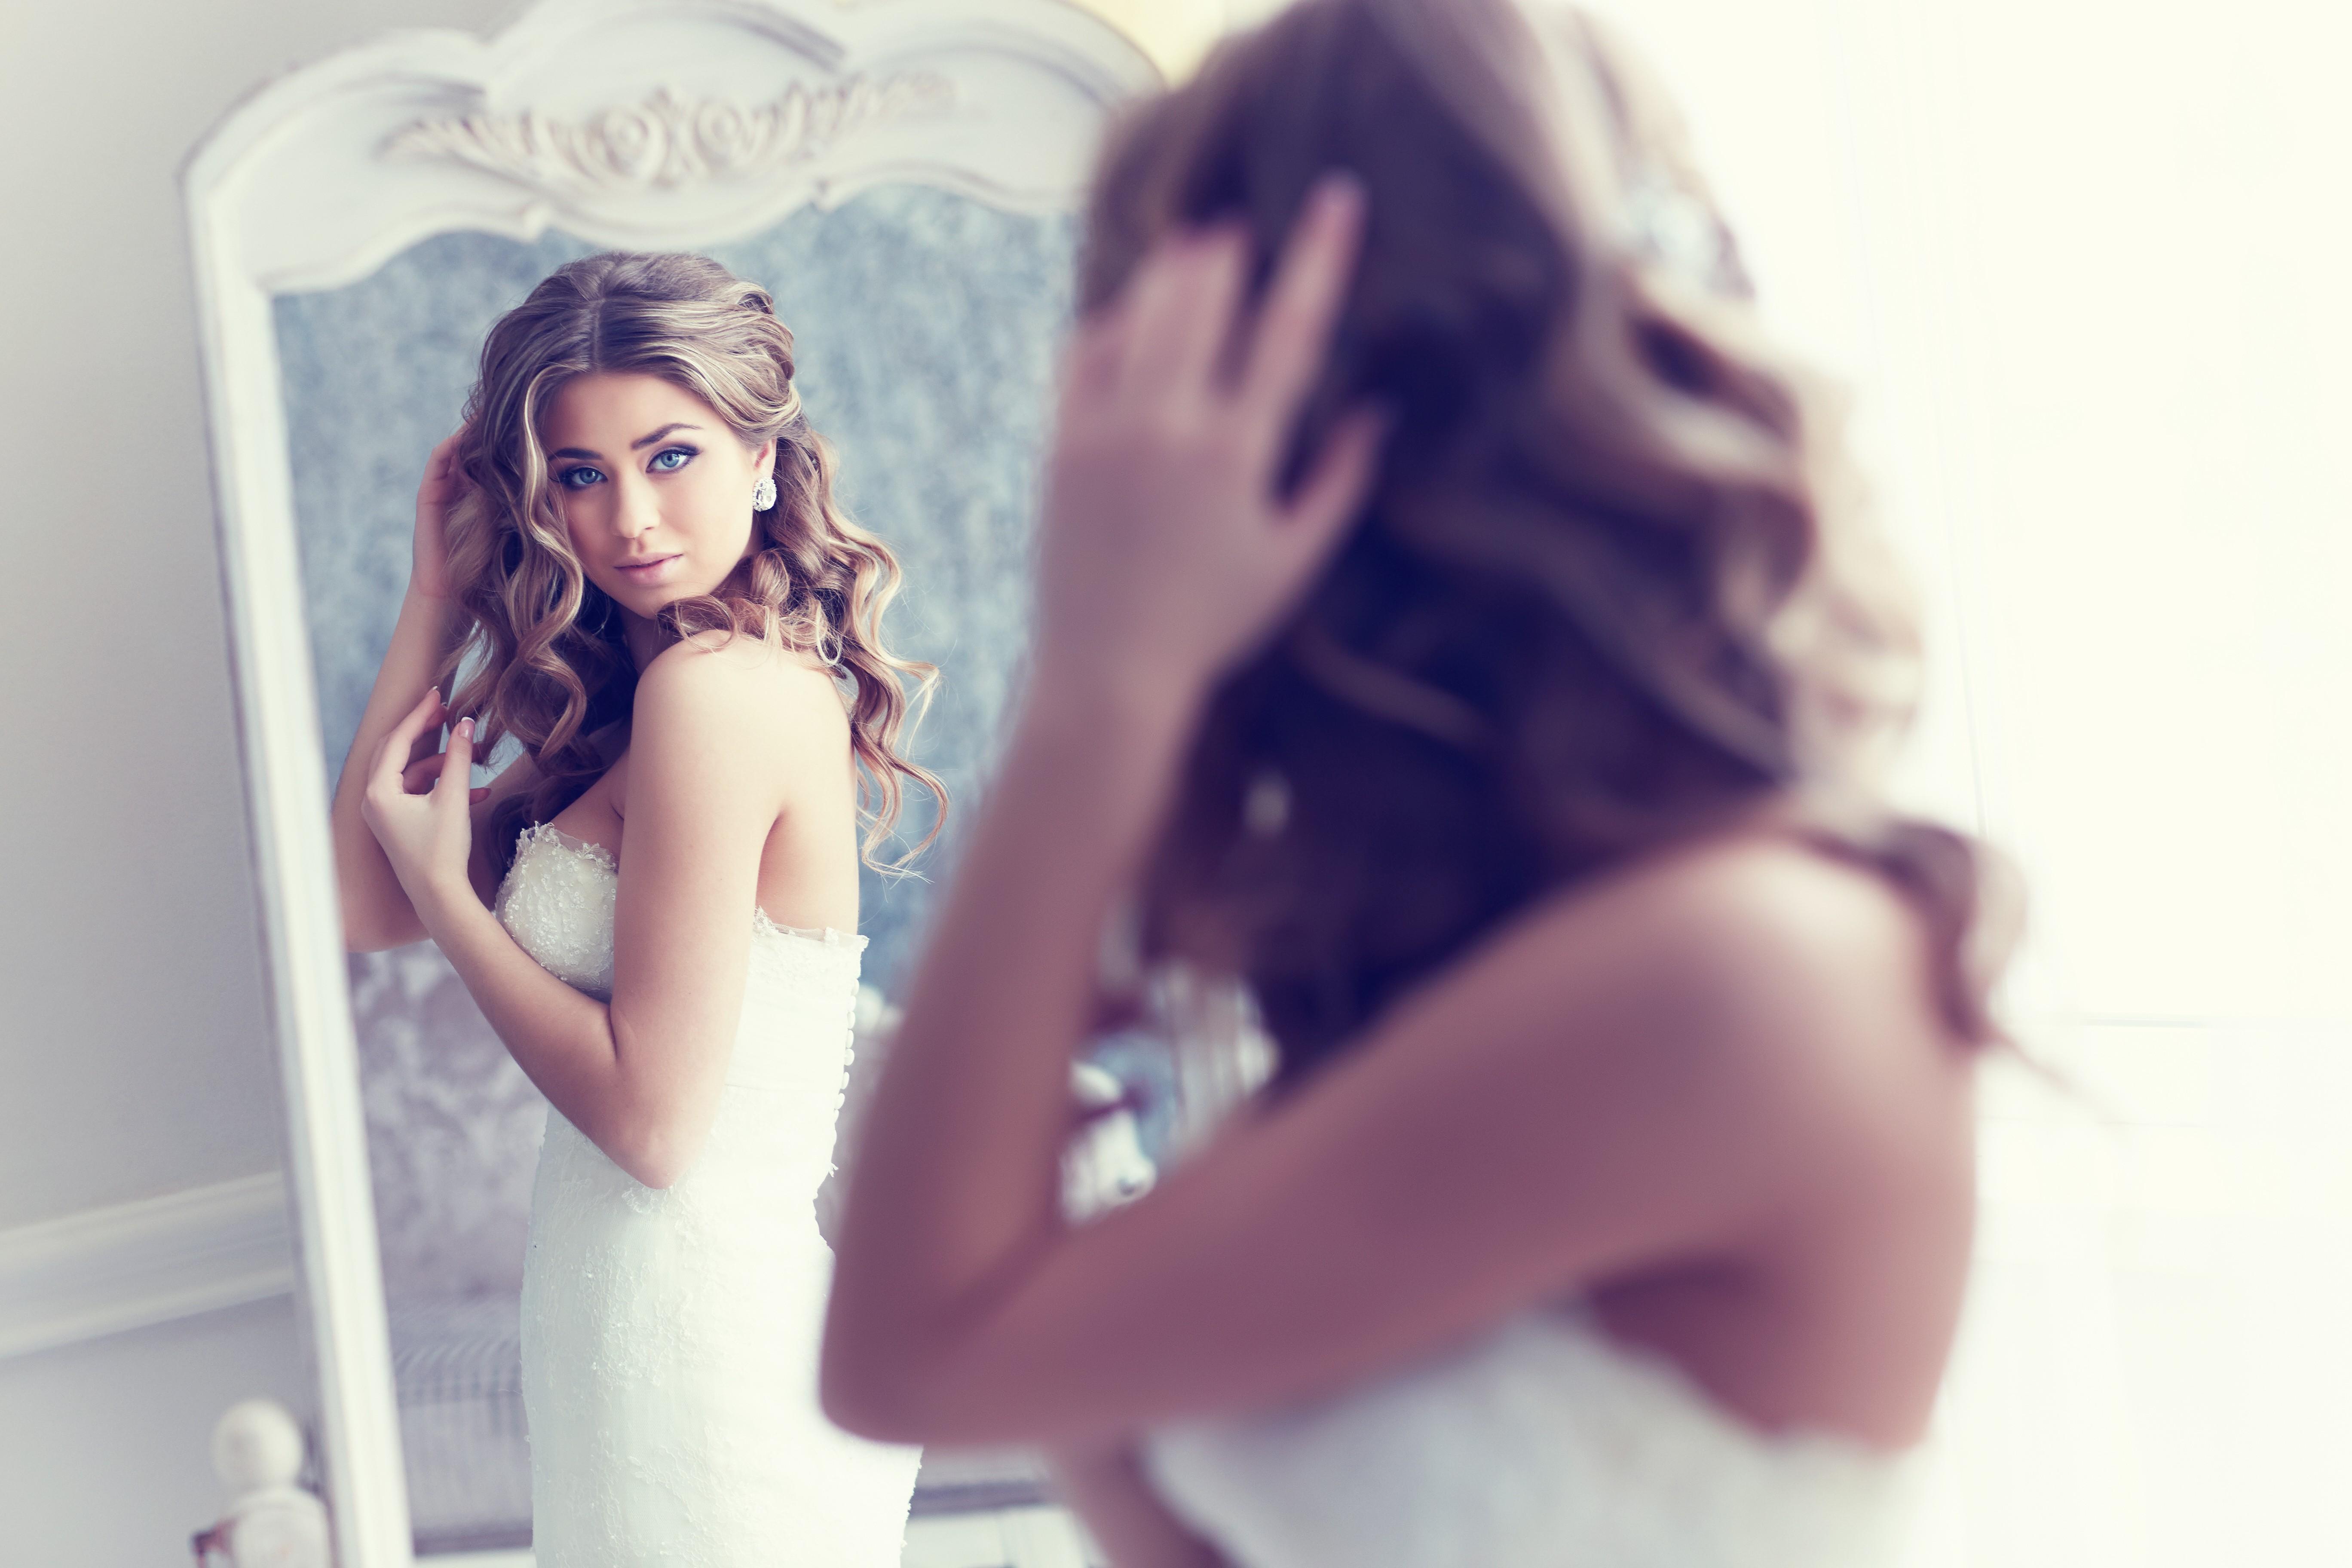 Девушка в зеркале в платье фото